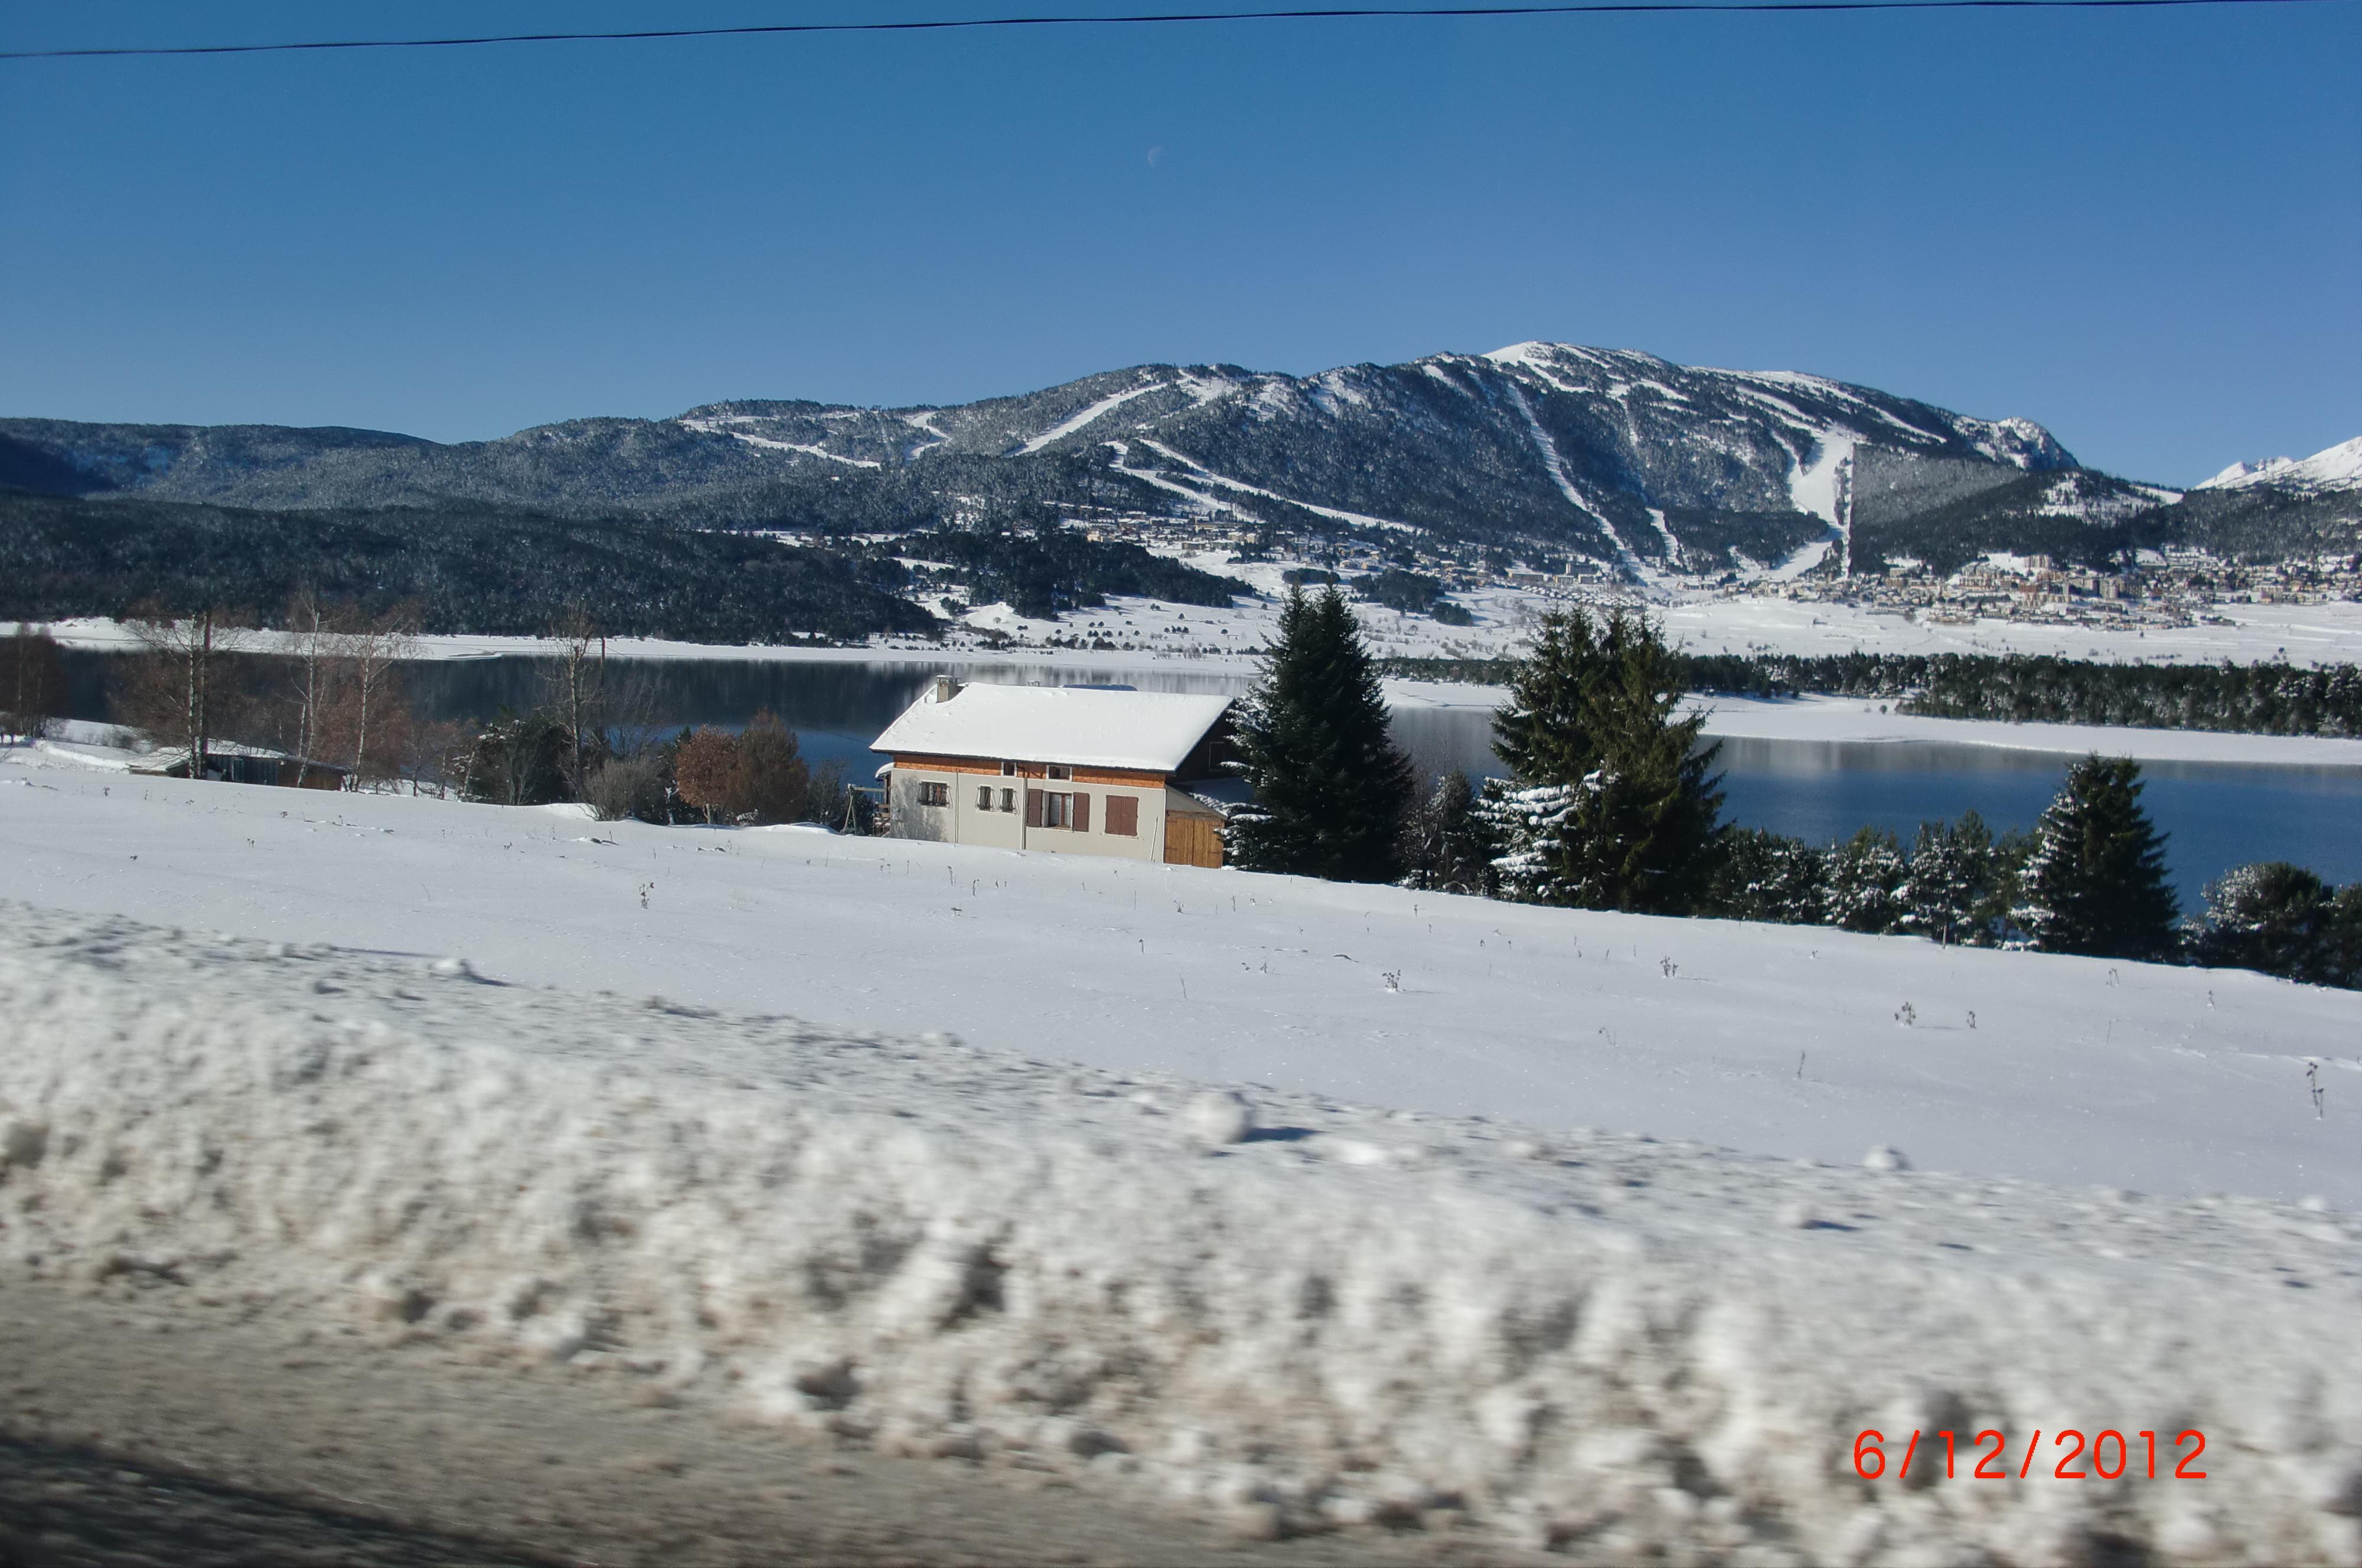 Lake Matemale and Les angles behind